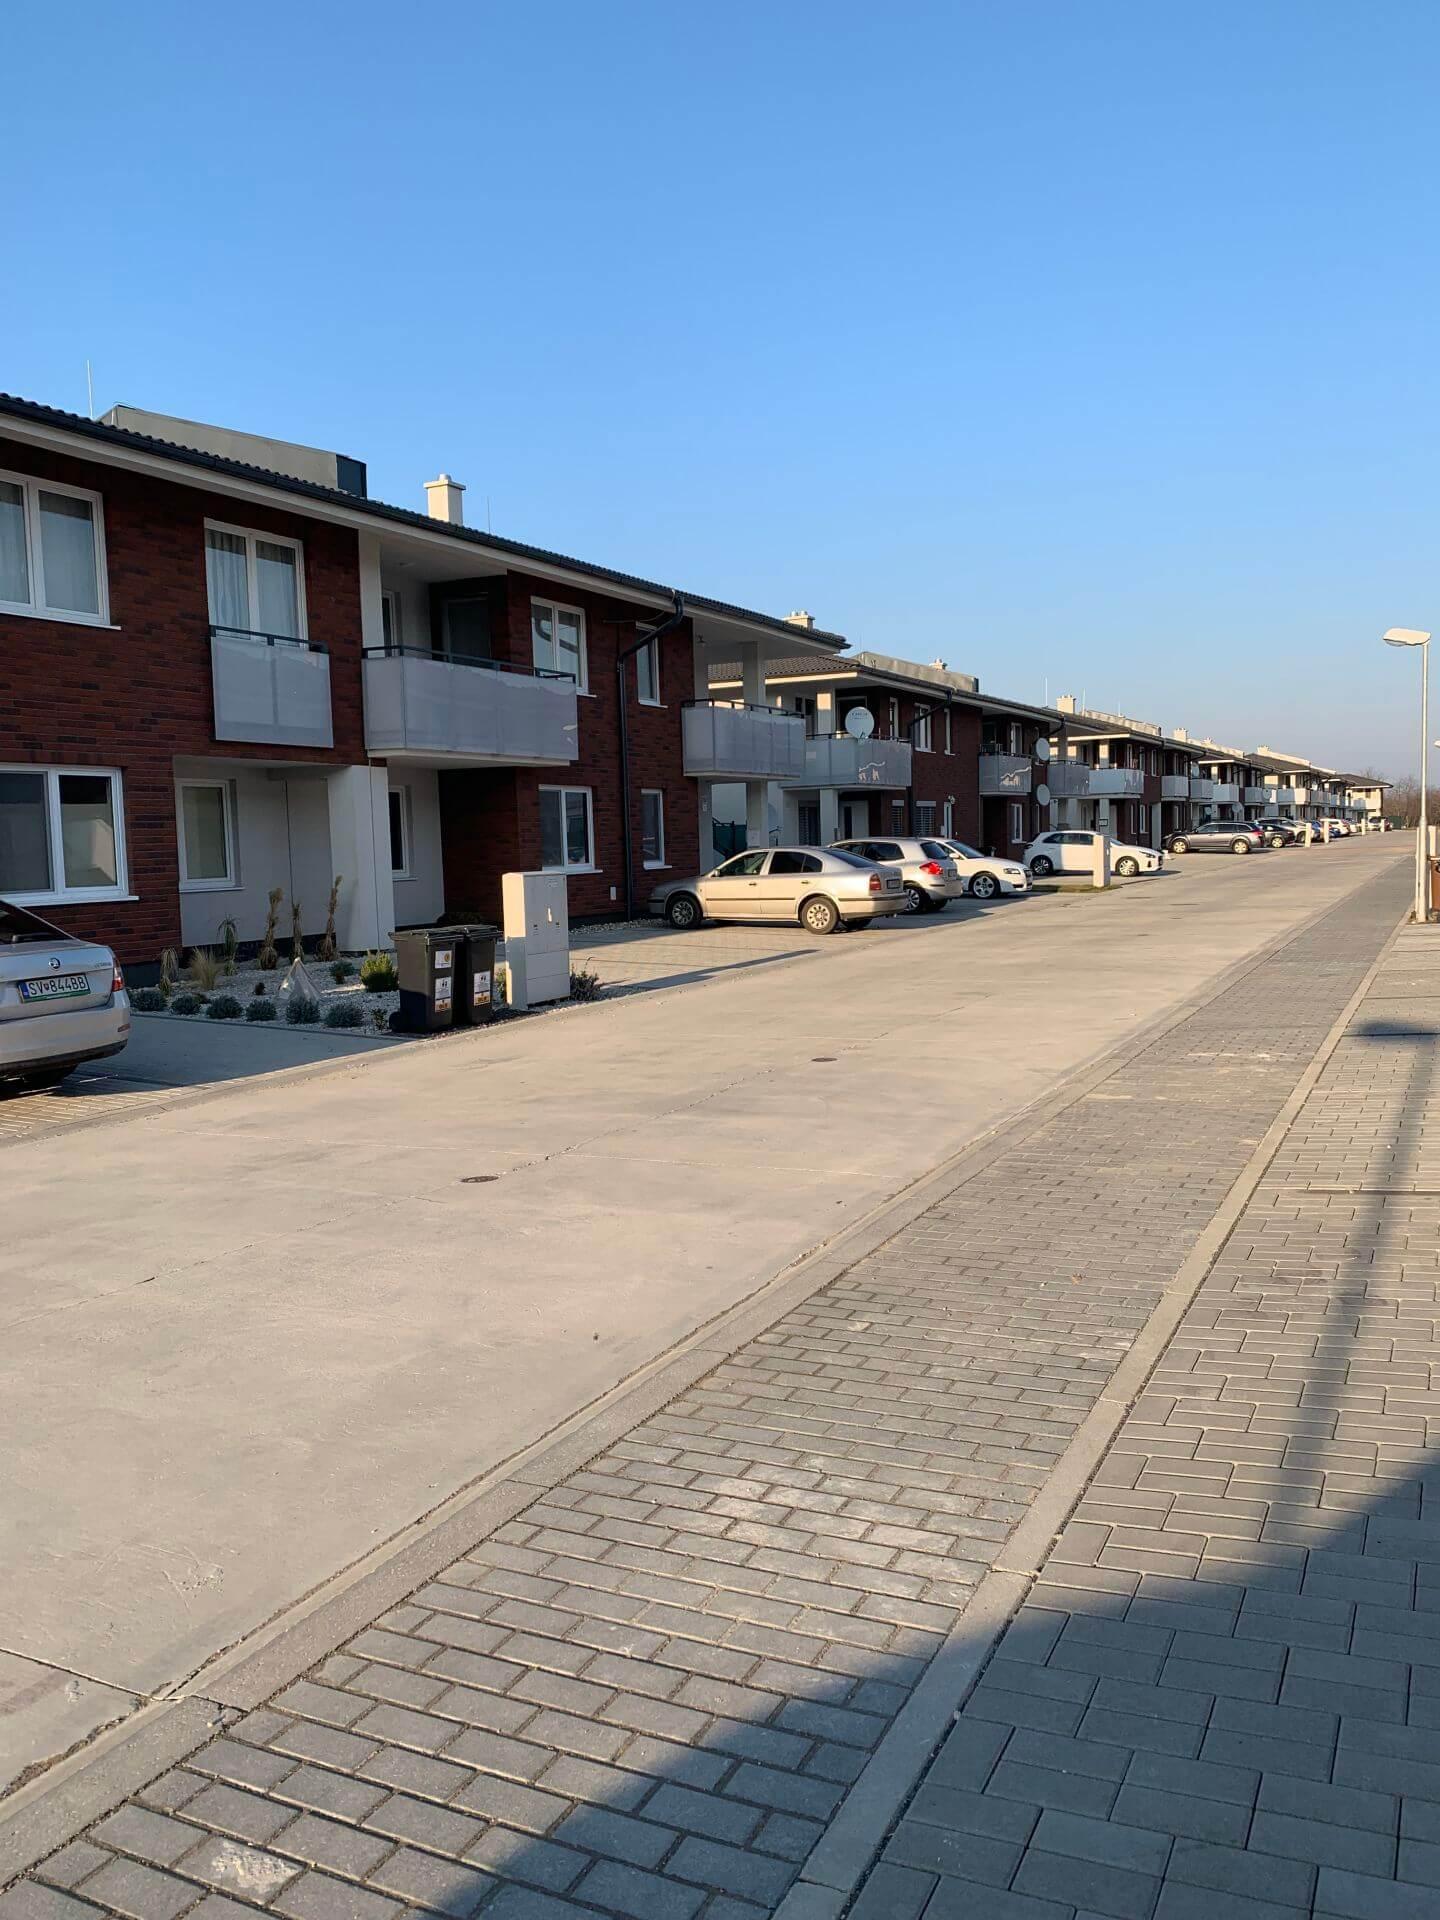 Predané: Predáme 1 izbový byt, Ligurčeková, Podunajská Biskupice, 33,3m2, záhrada 23m2-3